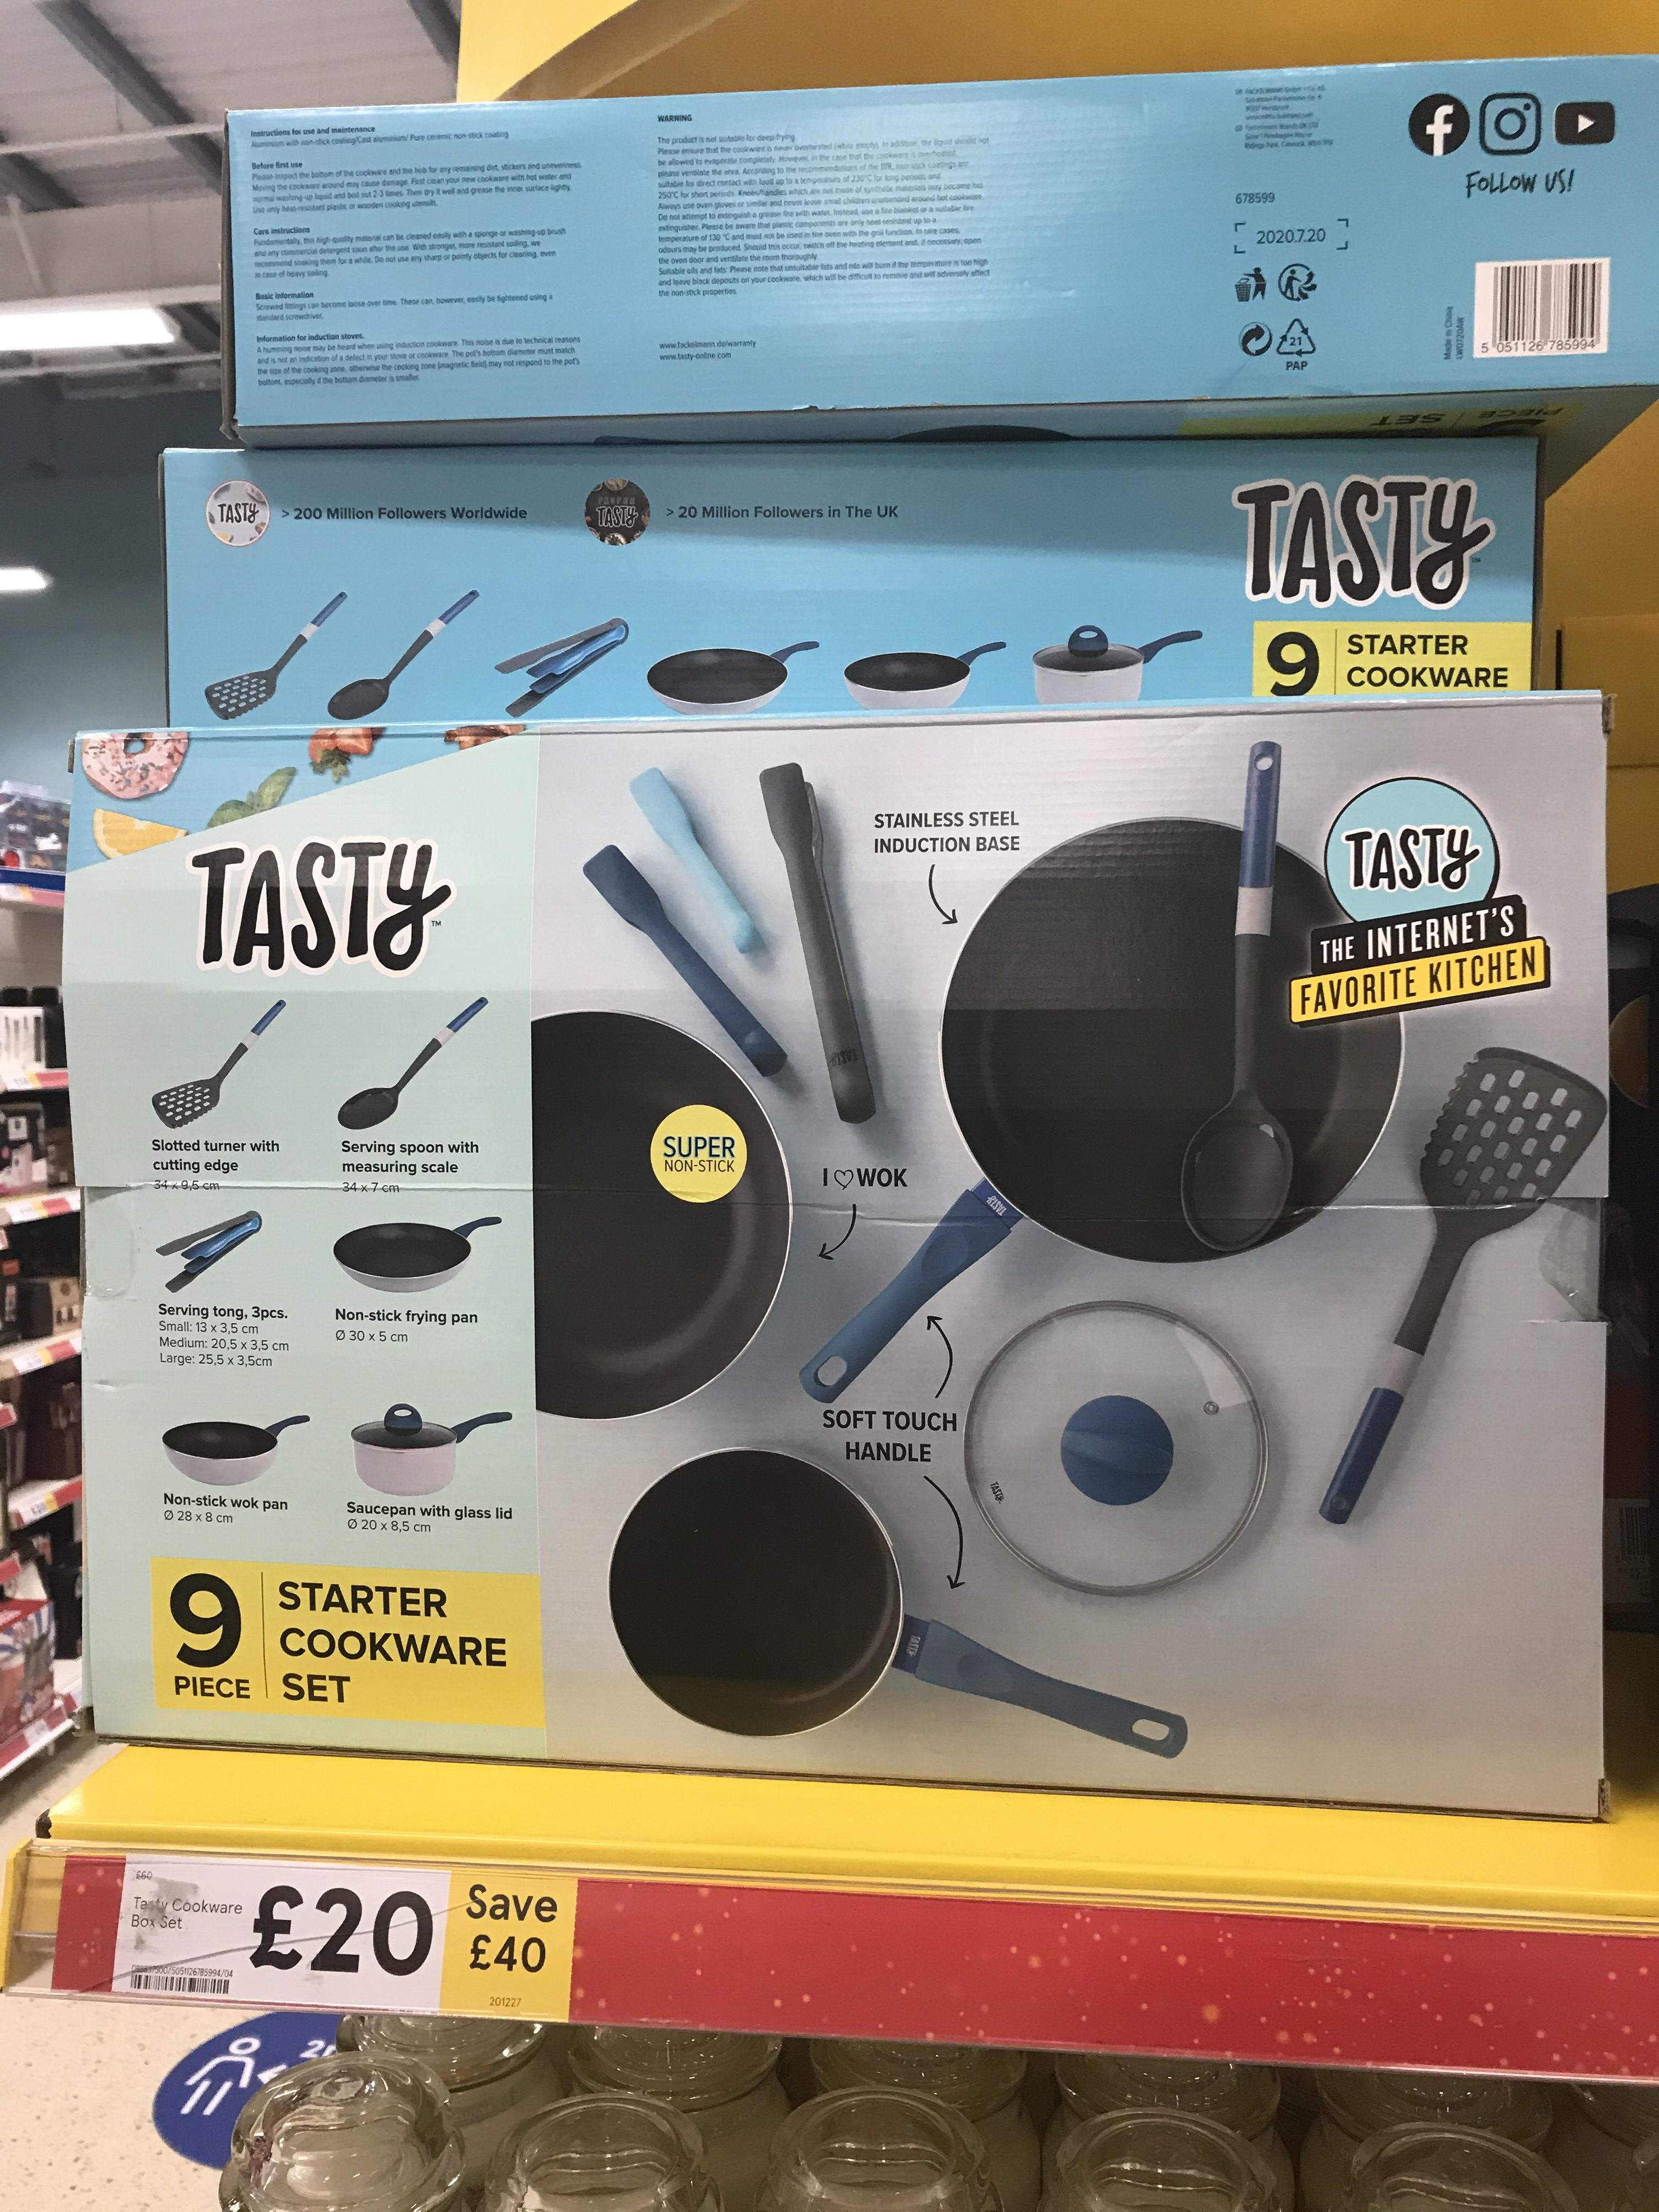 Starter Cooking set - 9 items £20 @ Tesco (Enniskillen)